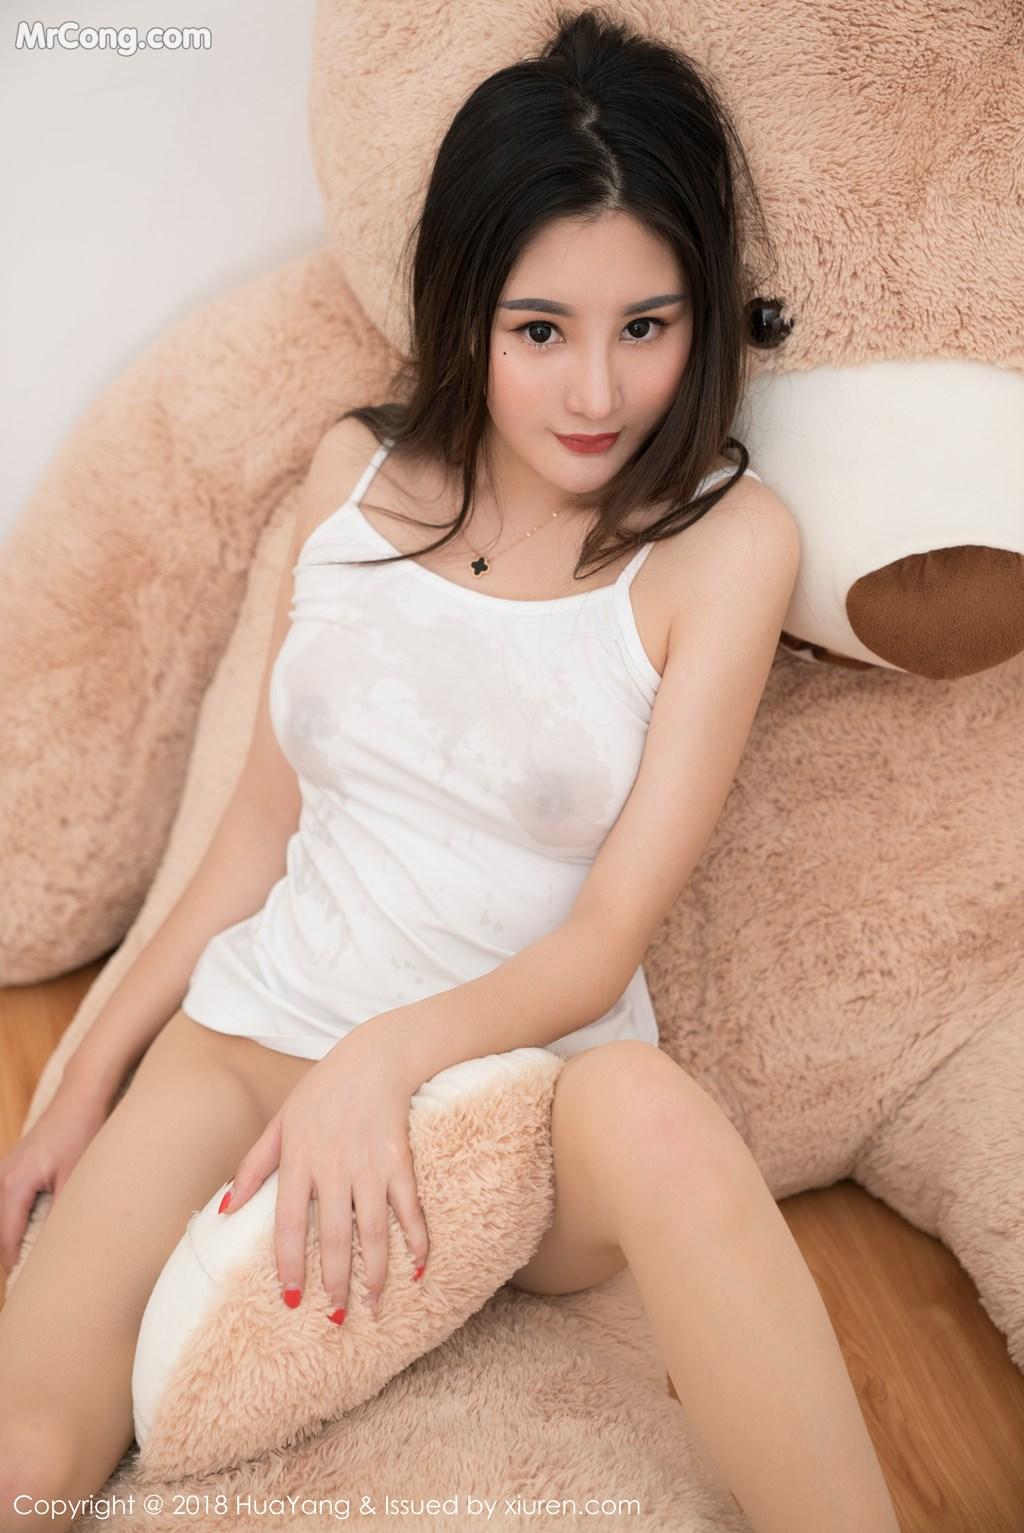 Image HuaYang-2018-03-02-Vol.034-Xiao-Tian-Xin-Candy-MrCong.com-037 in post HuaYang 2018-03-02 Vol.034: Người mẫu Xiao Tian Xin (小甜心Candy) (41 ảnh)